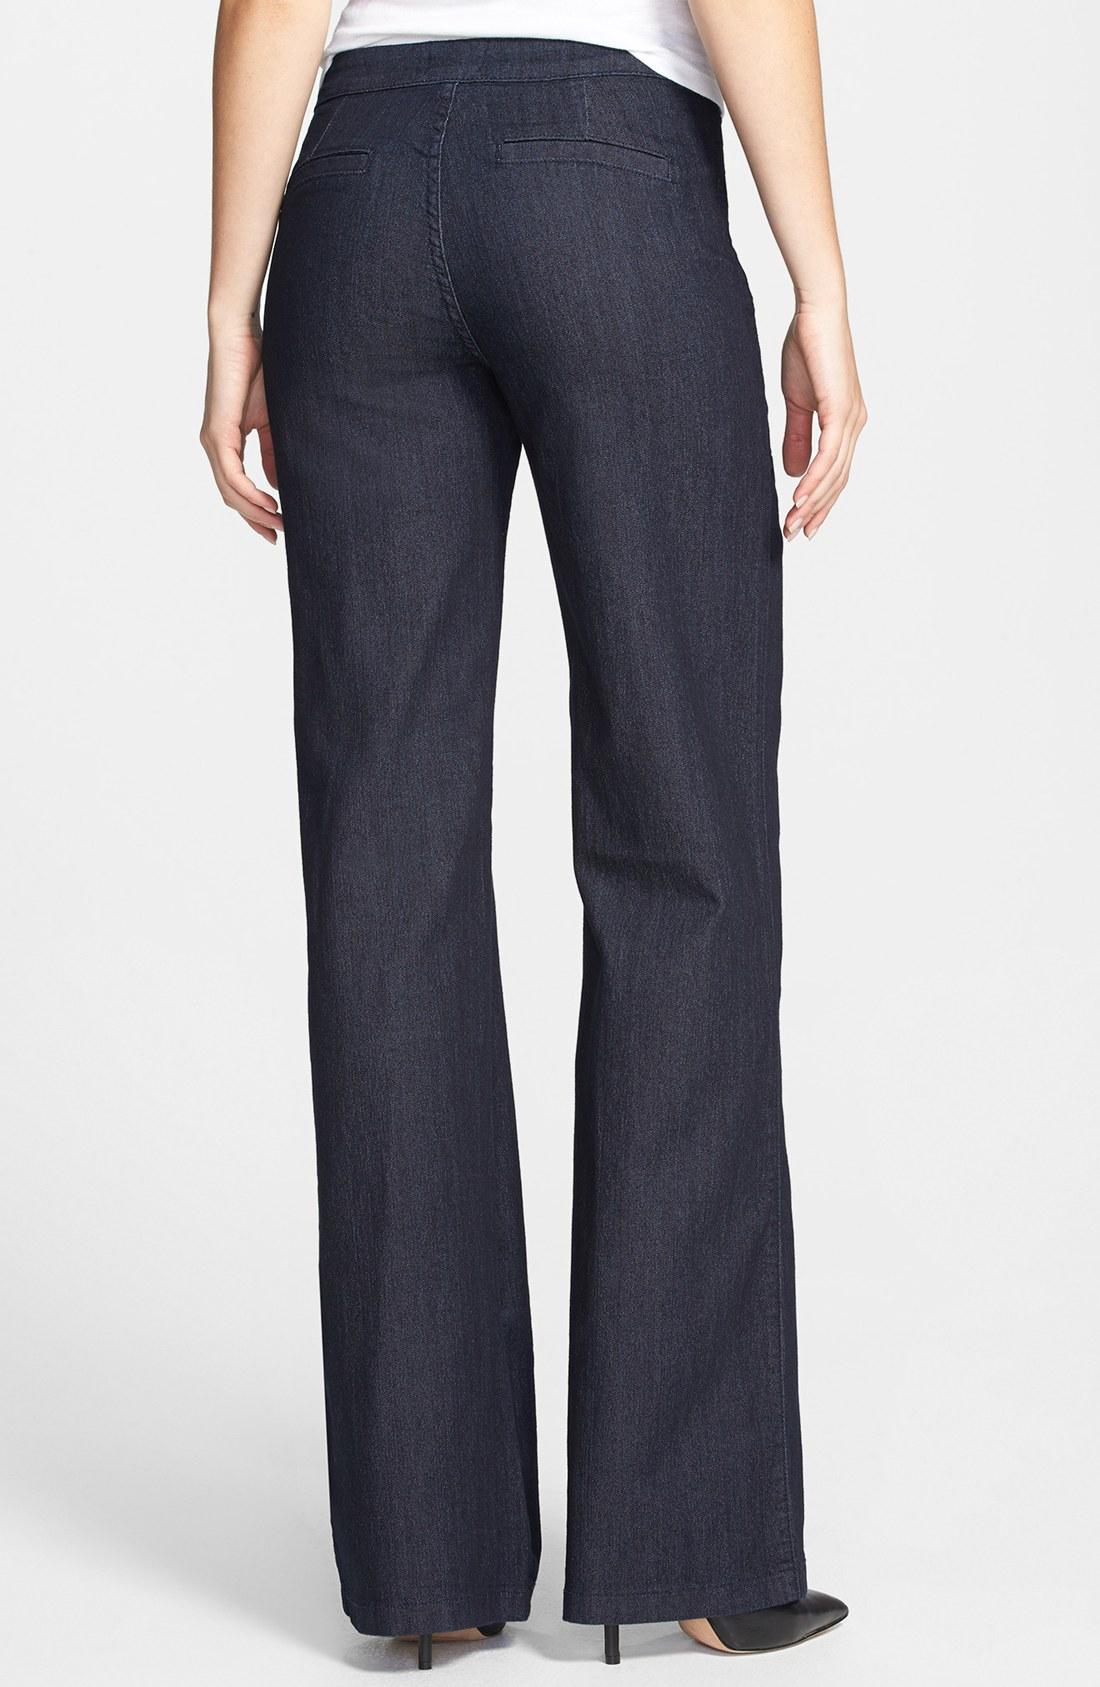 Nydj Flipia Stretch Denim Trouser Jeans in Blue | Lyst